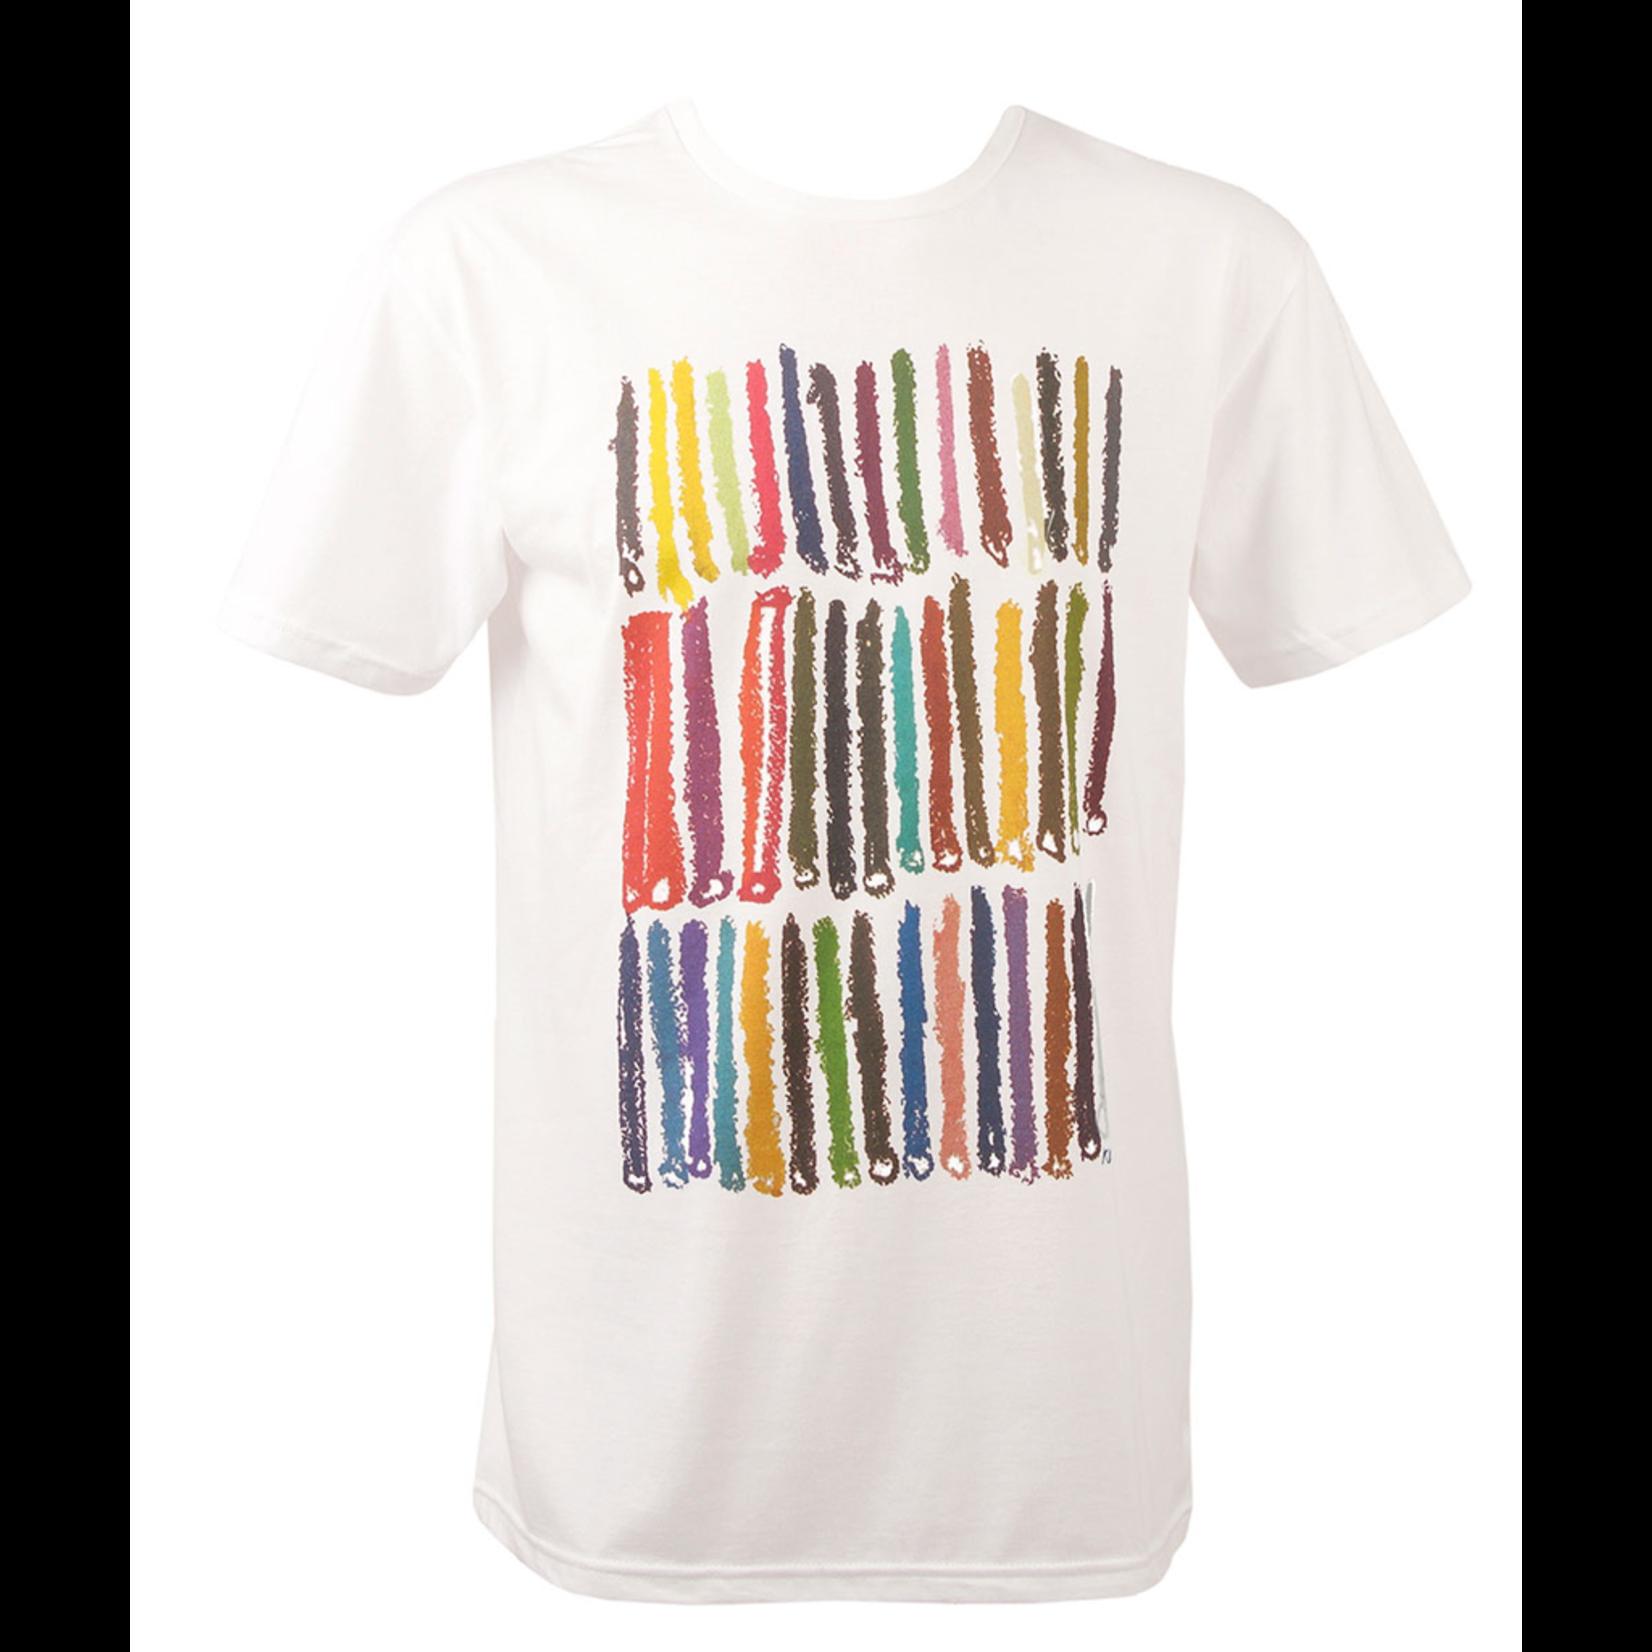 Clothing Tshirt - Crayons White